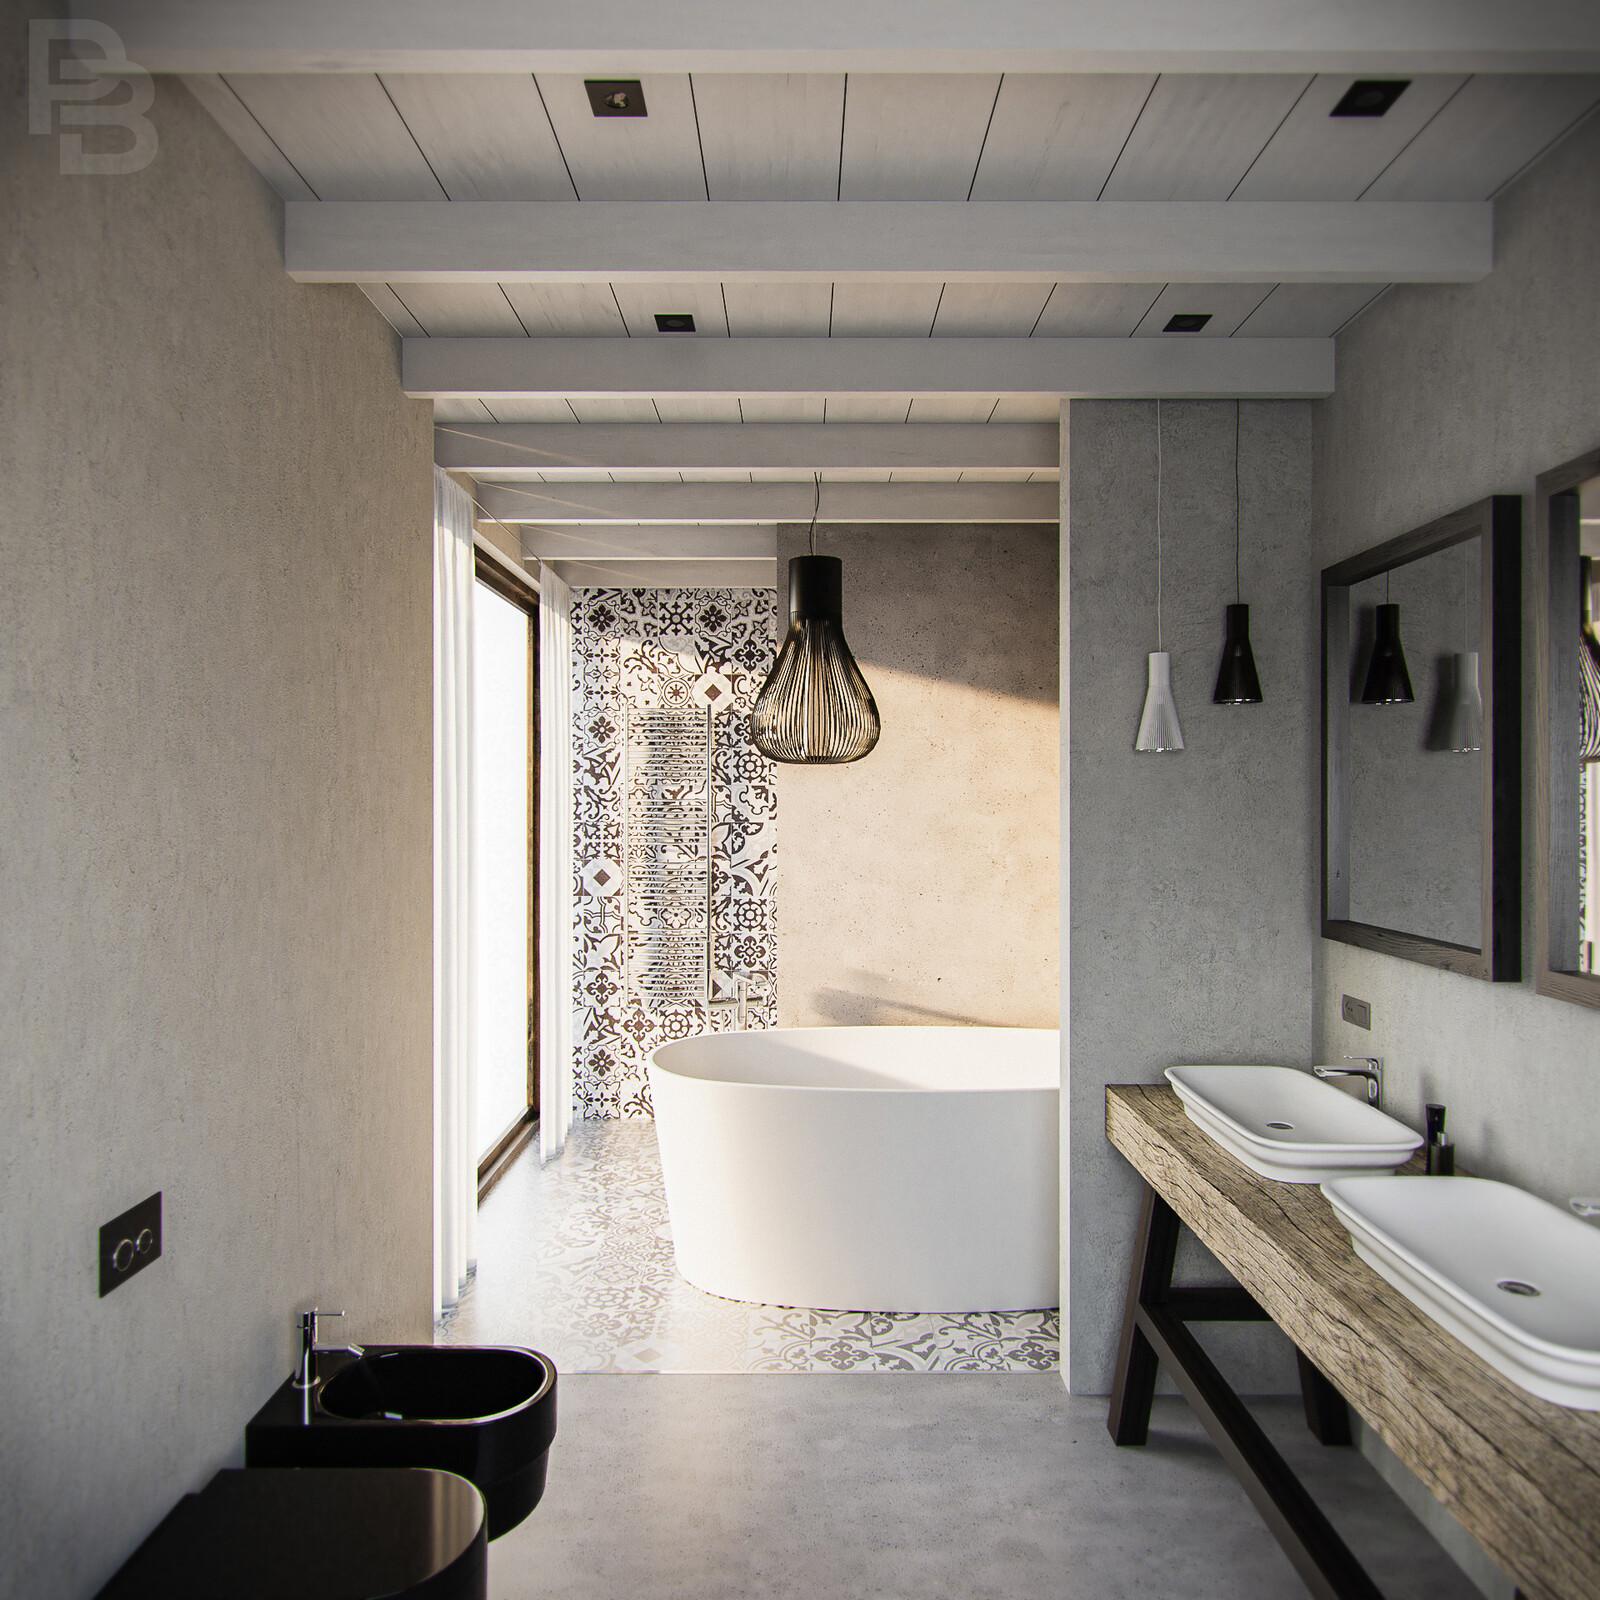 Hydraulic bath